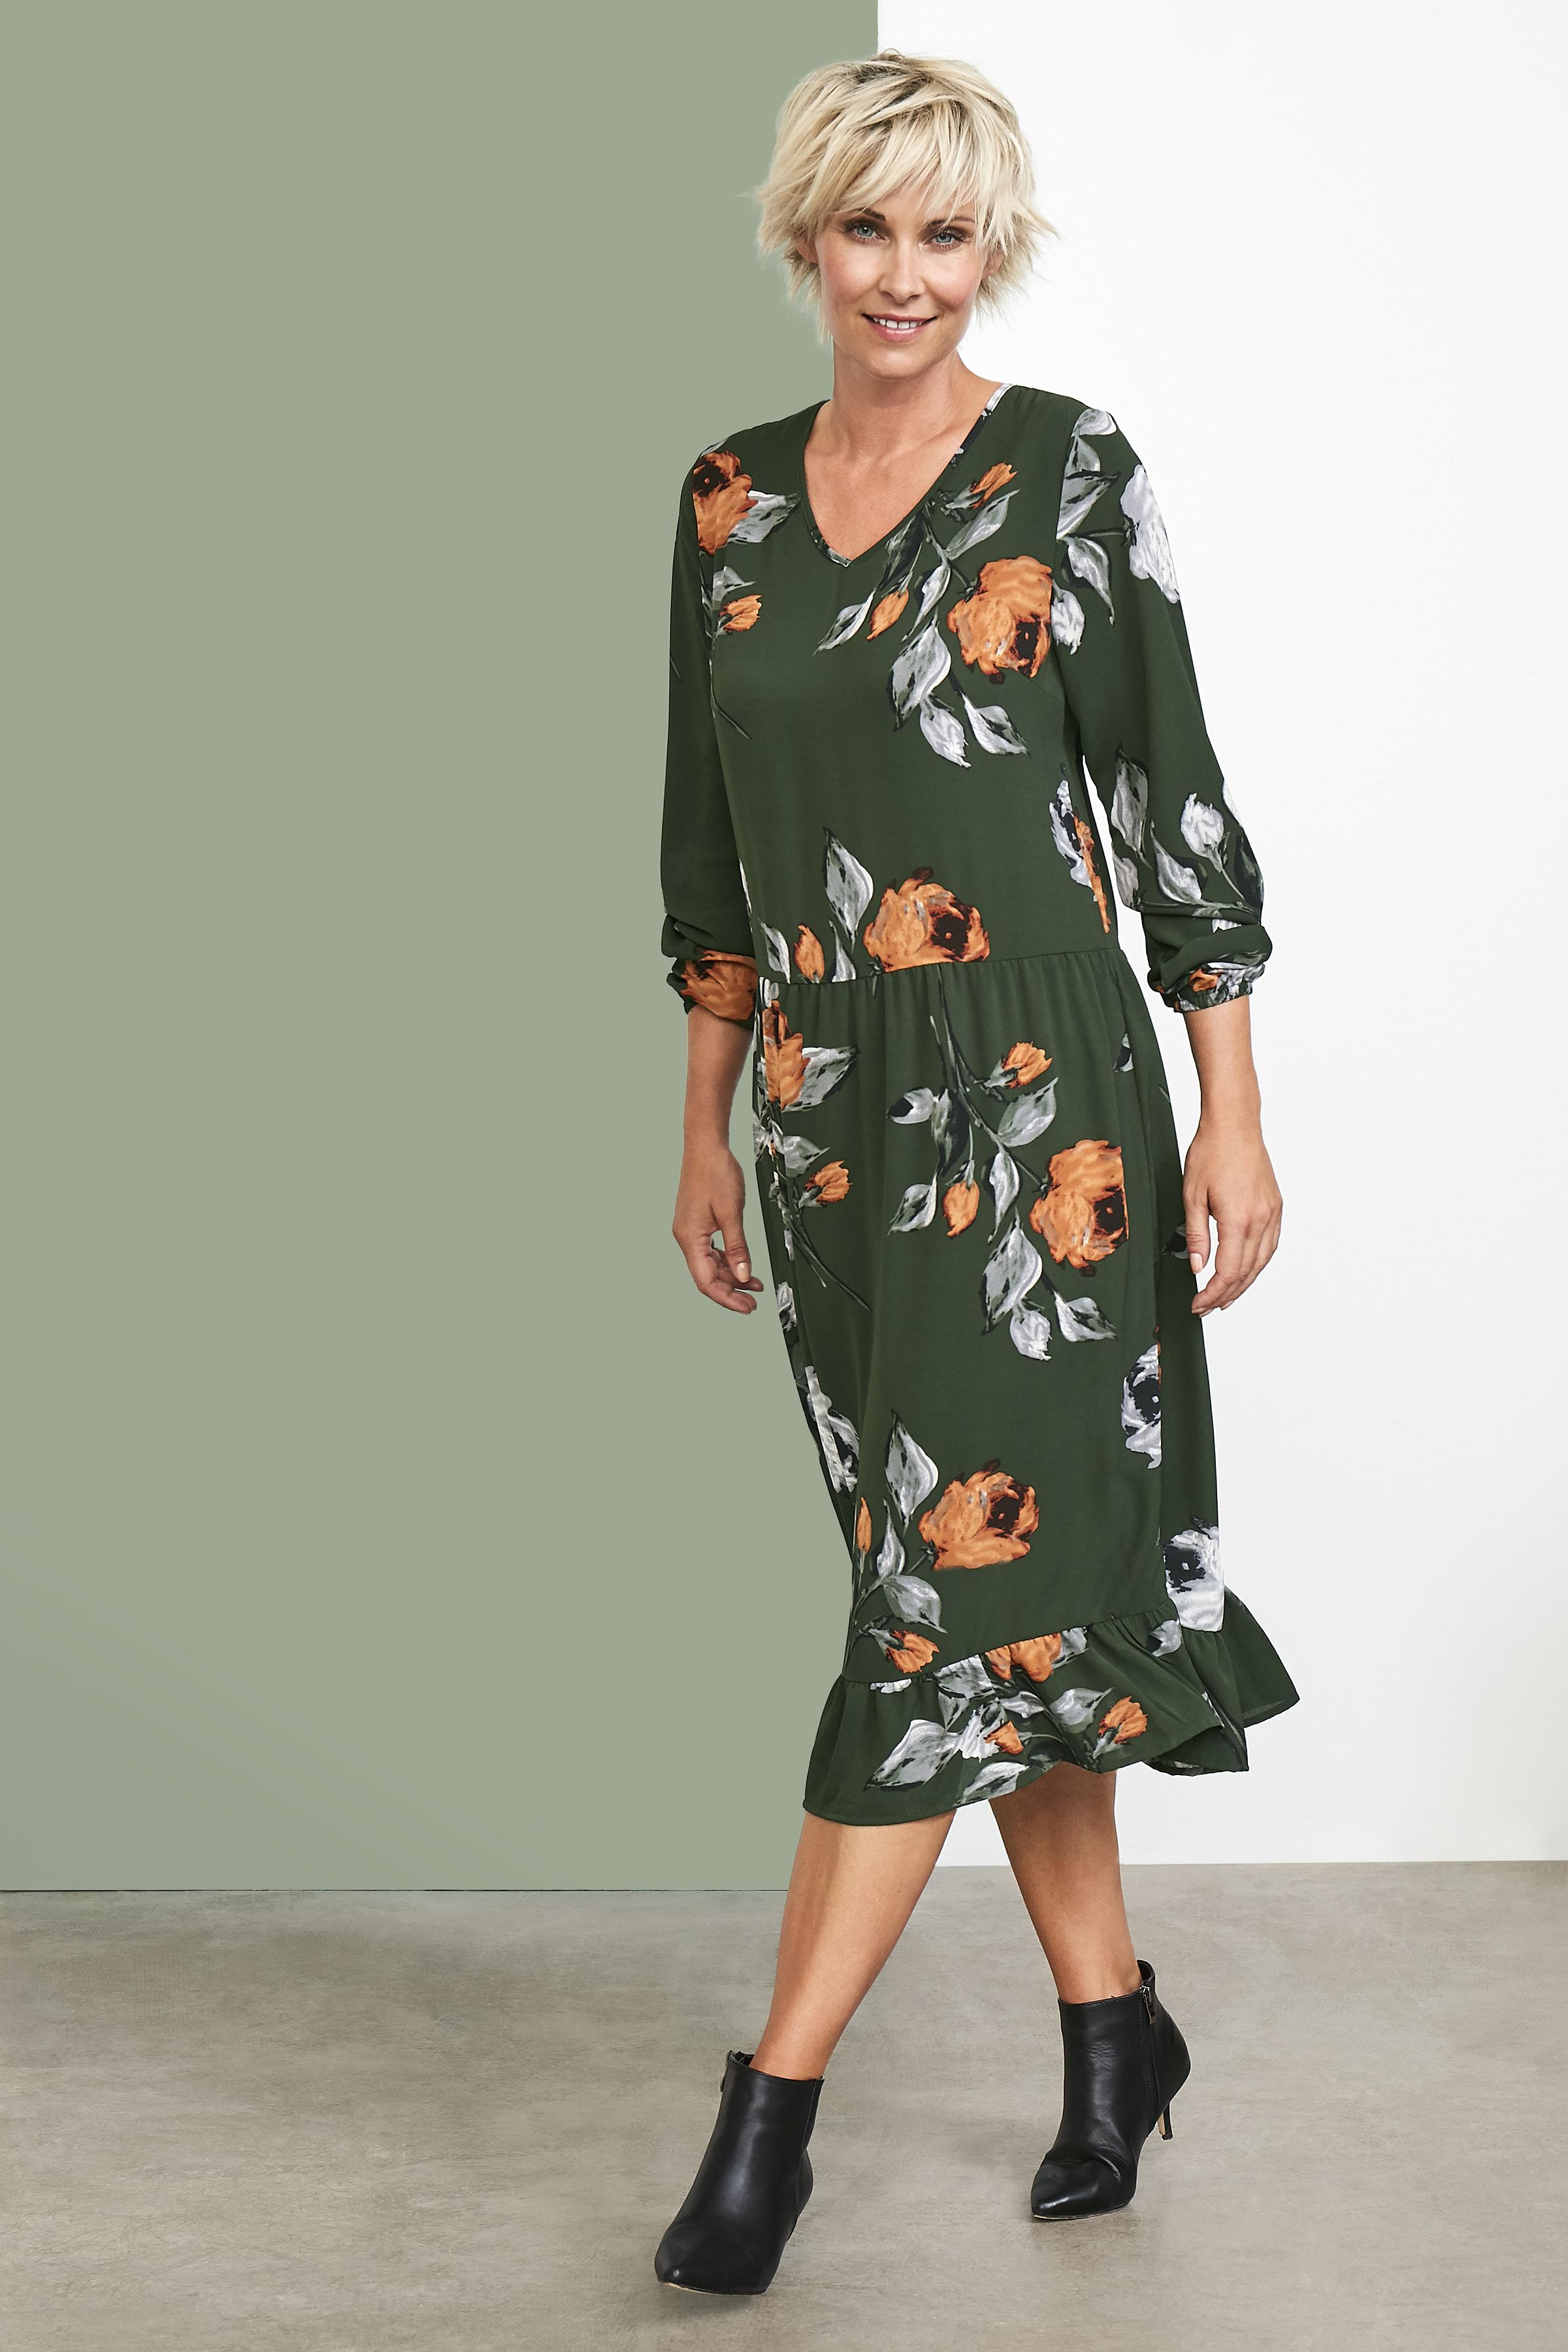 Olivgrün/grau Kleid von Kaffe – Shoppen Sie Olivgrün/grau Kleid ab Gr. 34-46 hier